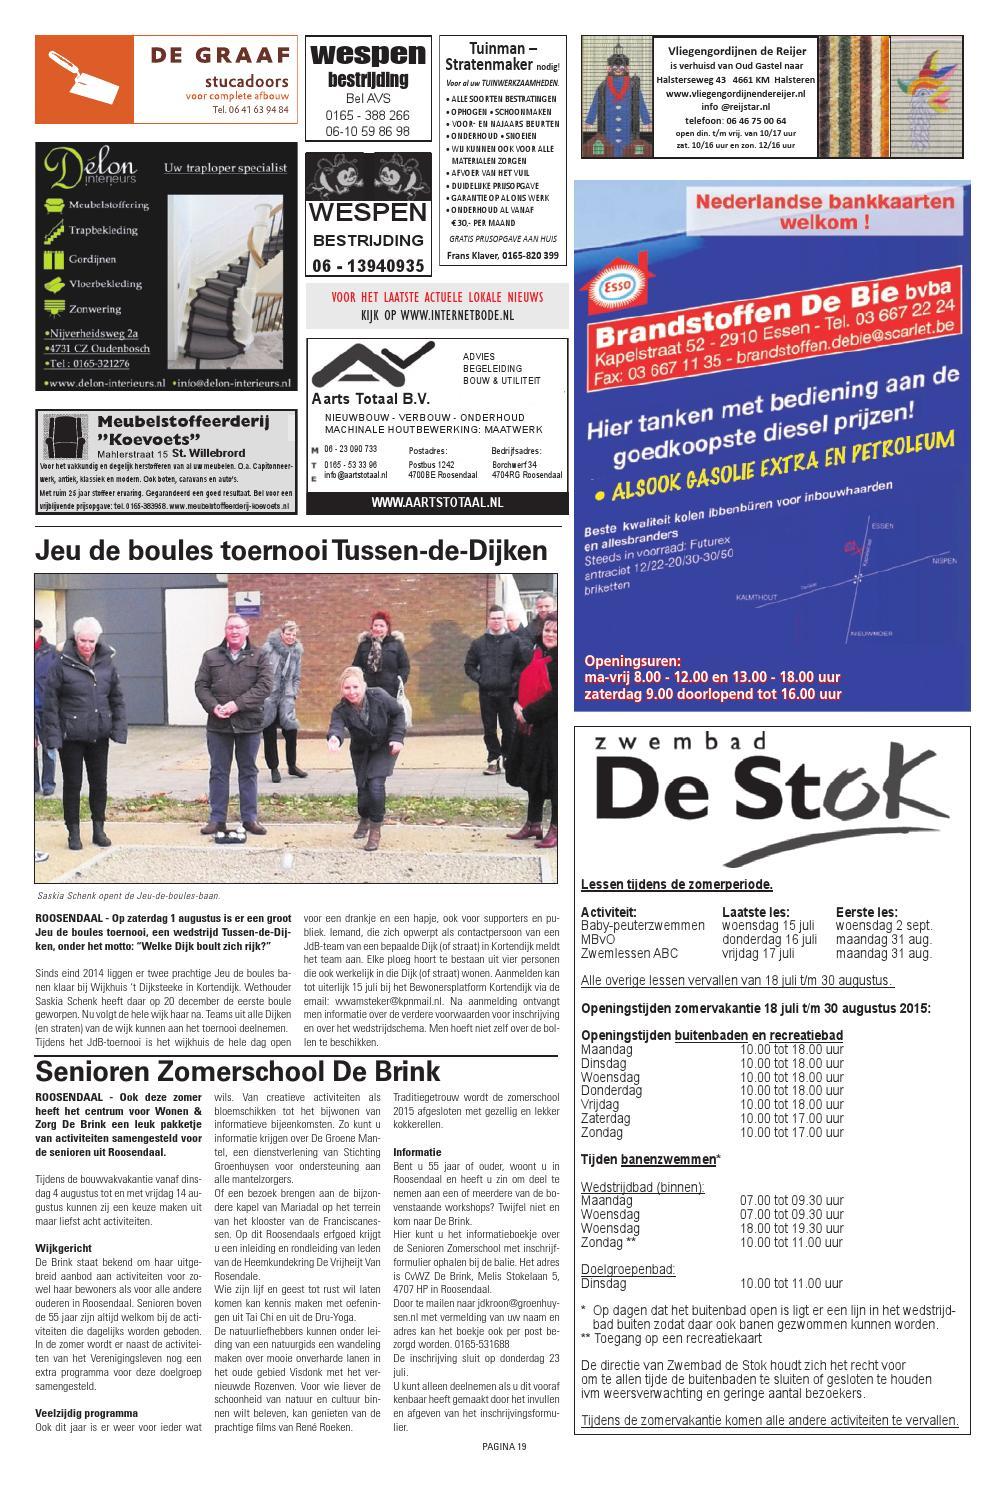 Vliegengordijn De Reijer.Roosendaalse Bode 05 07 2015 By Uitgeverij De Bode Issuu